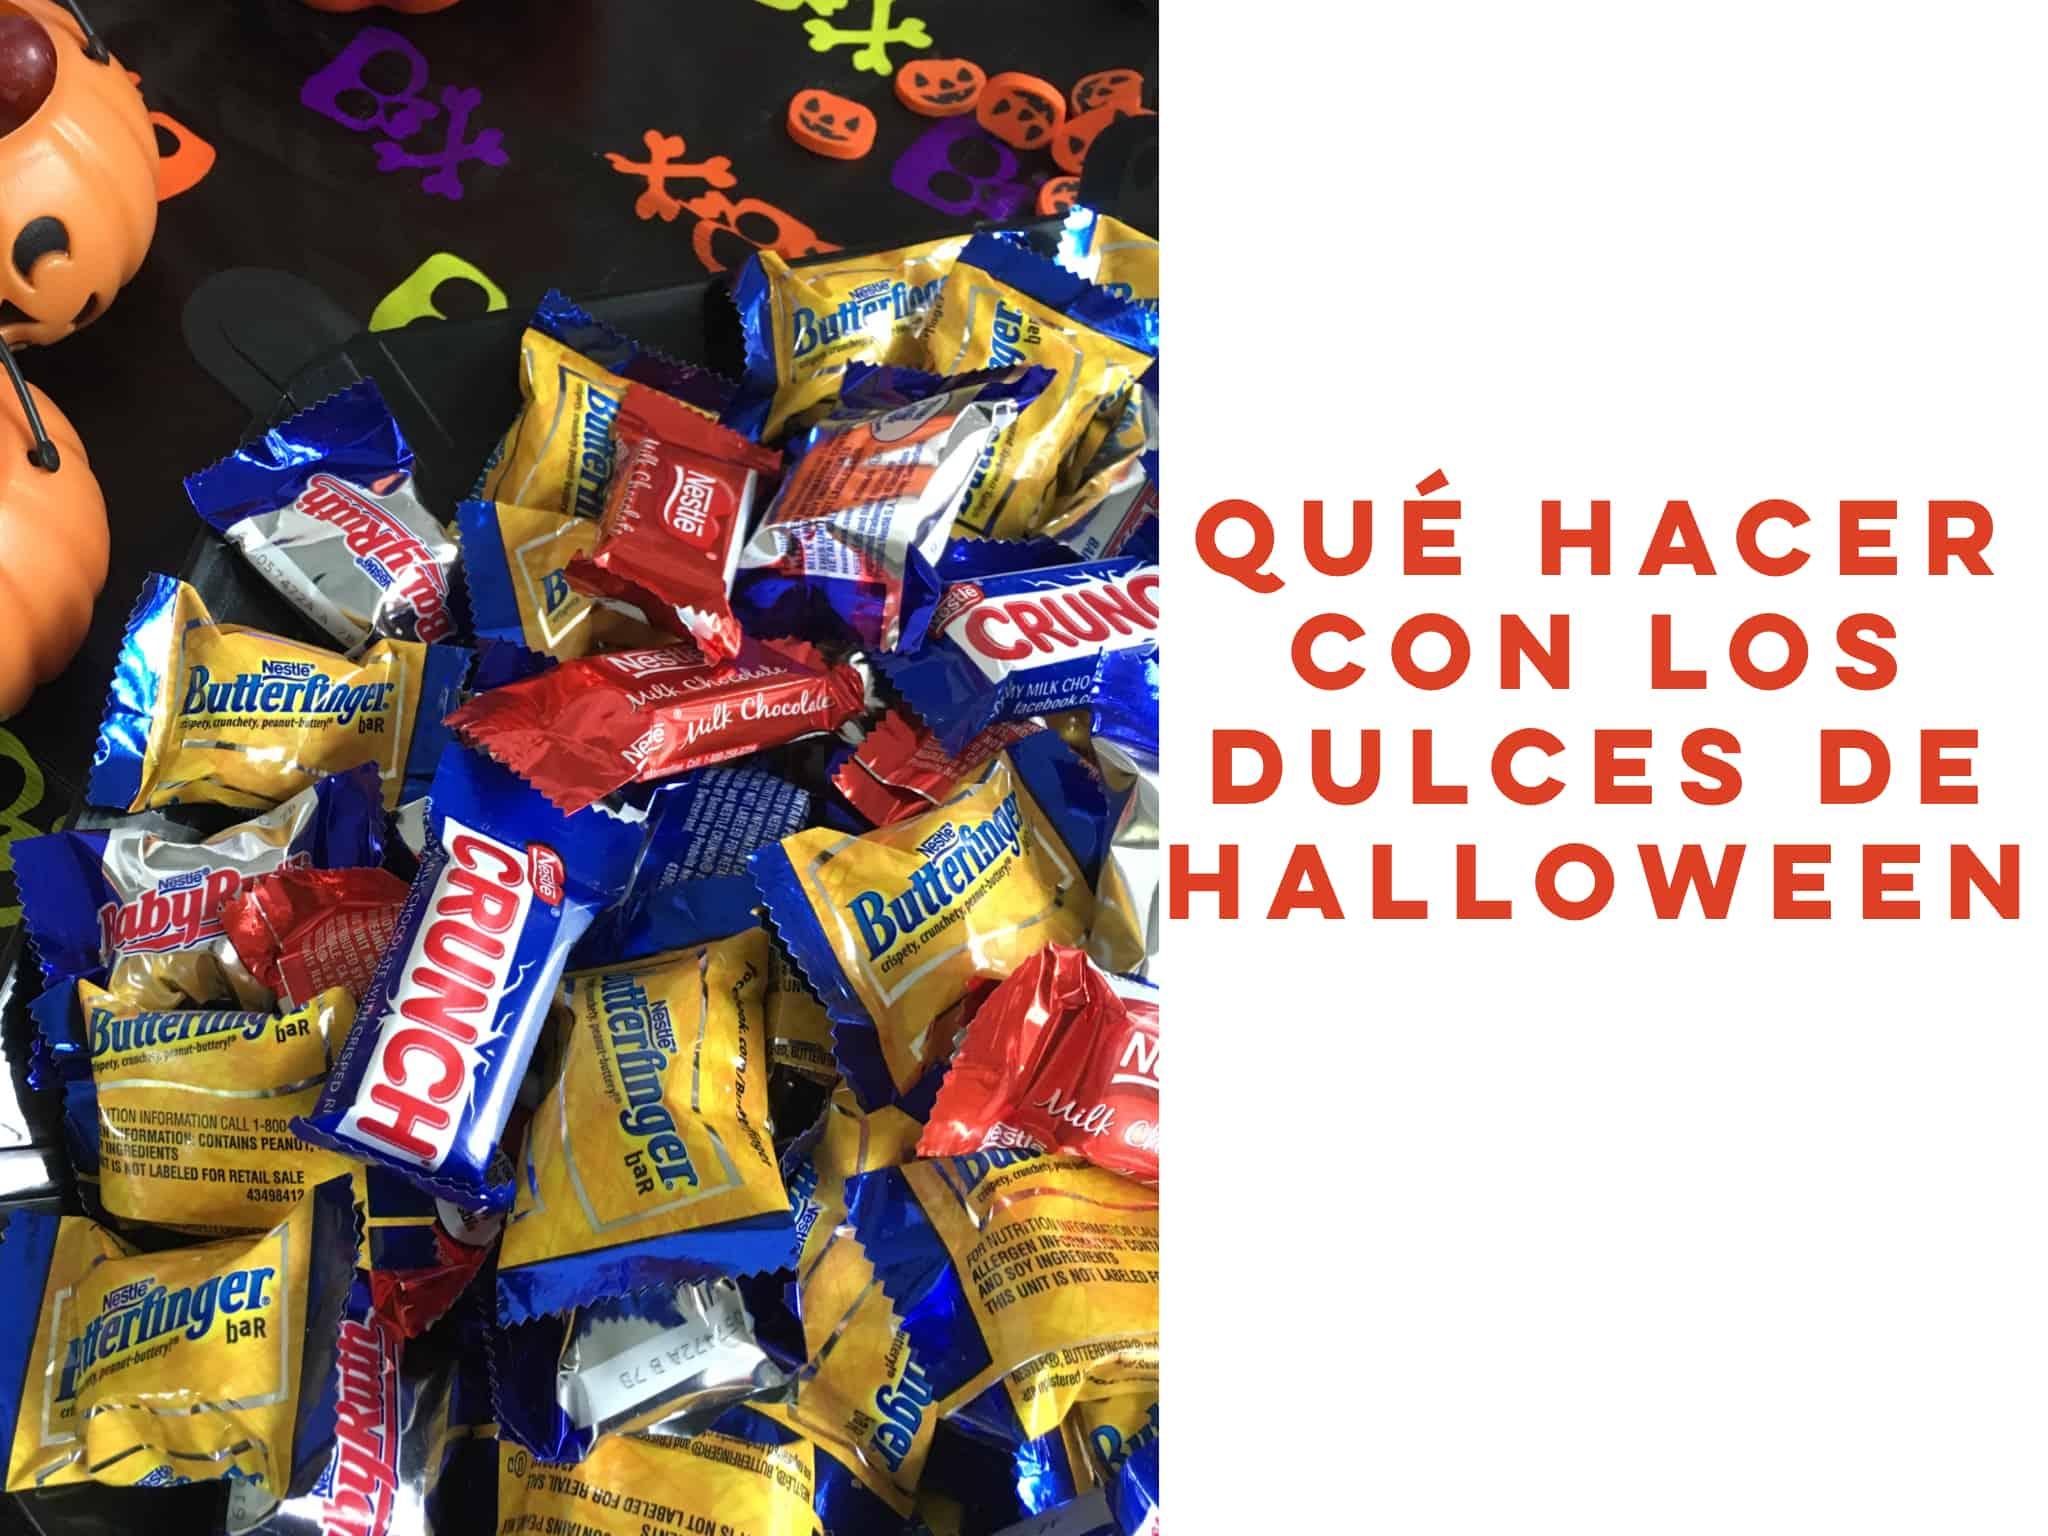 Qué hacer con los dulces de Halloween que sobran